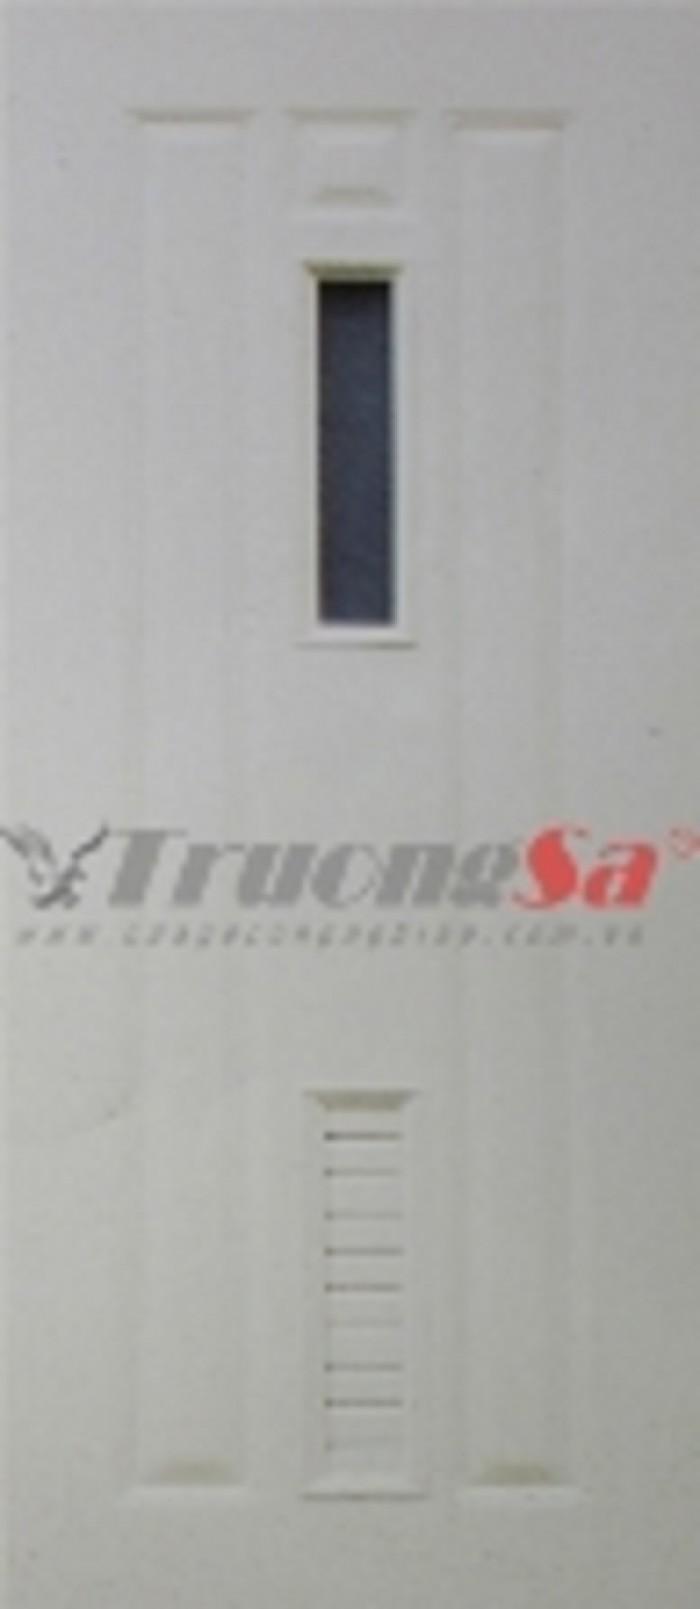 Giá trọn bộ: Cánh + khung bao + phủ vân gỗ hoàn thiện  Kích thước chuẩn: 80 x 210 hoặc 90 x 220cm Hoặc sản xuất theo kích thước yêu cầu.2